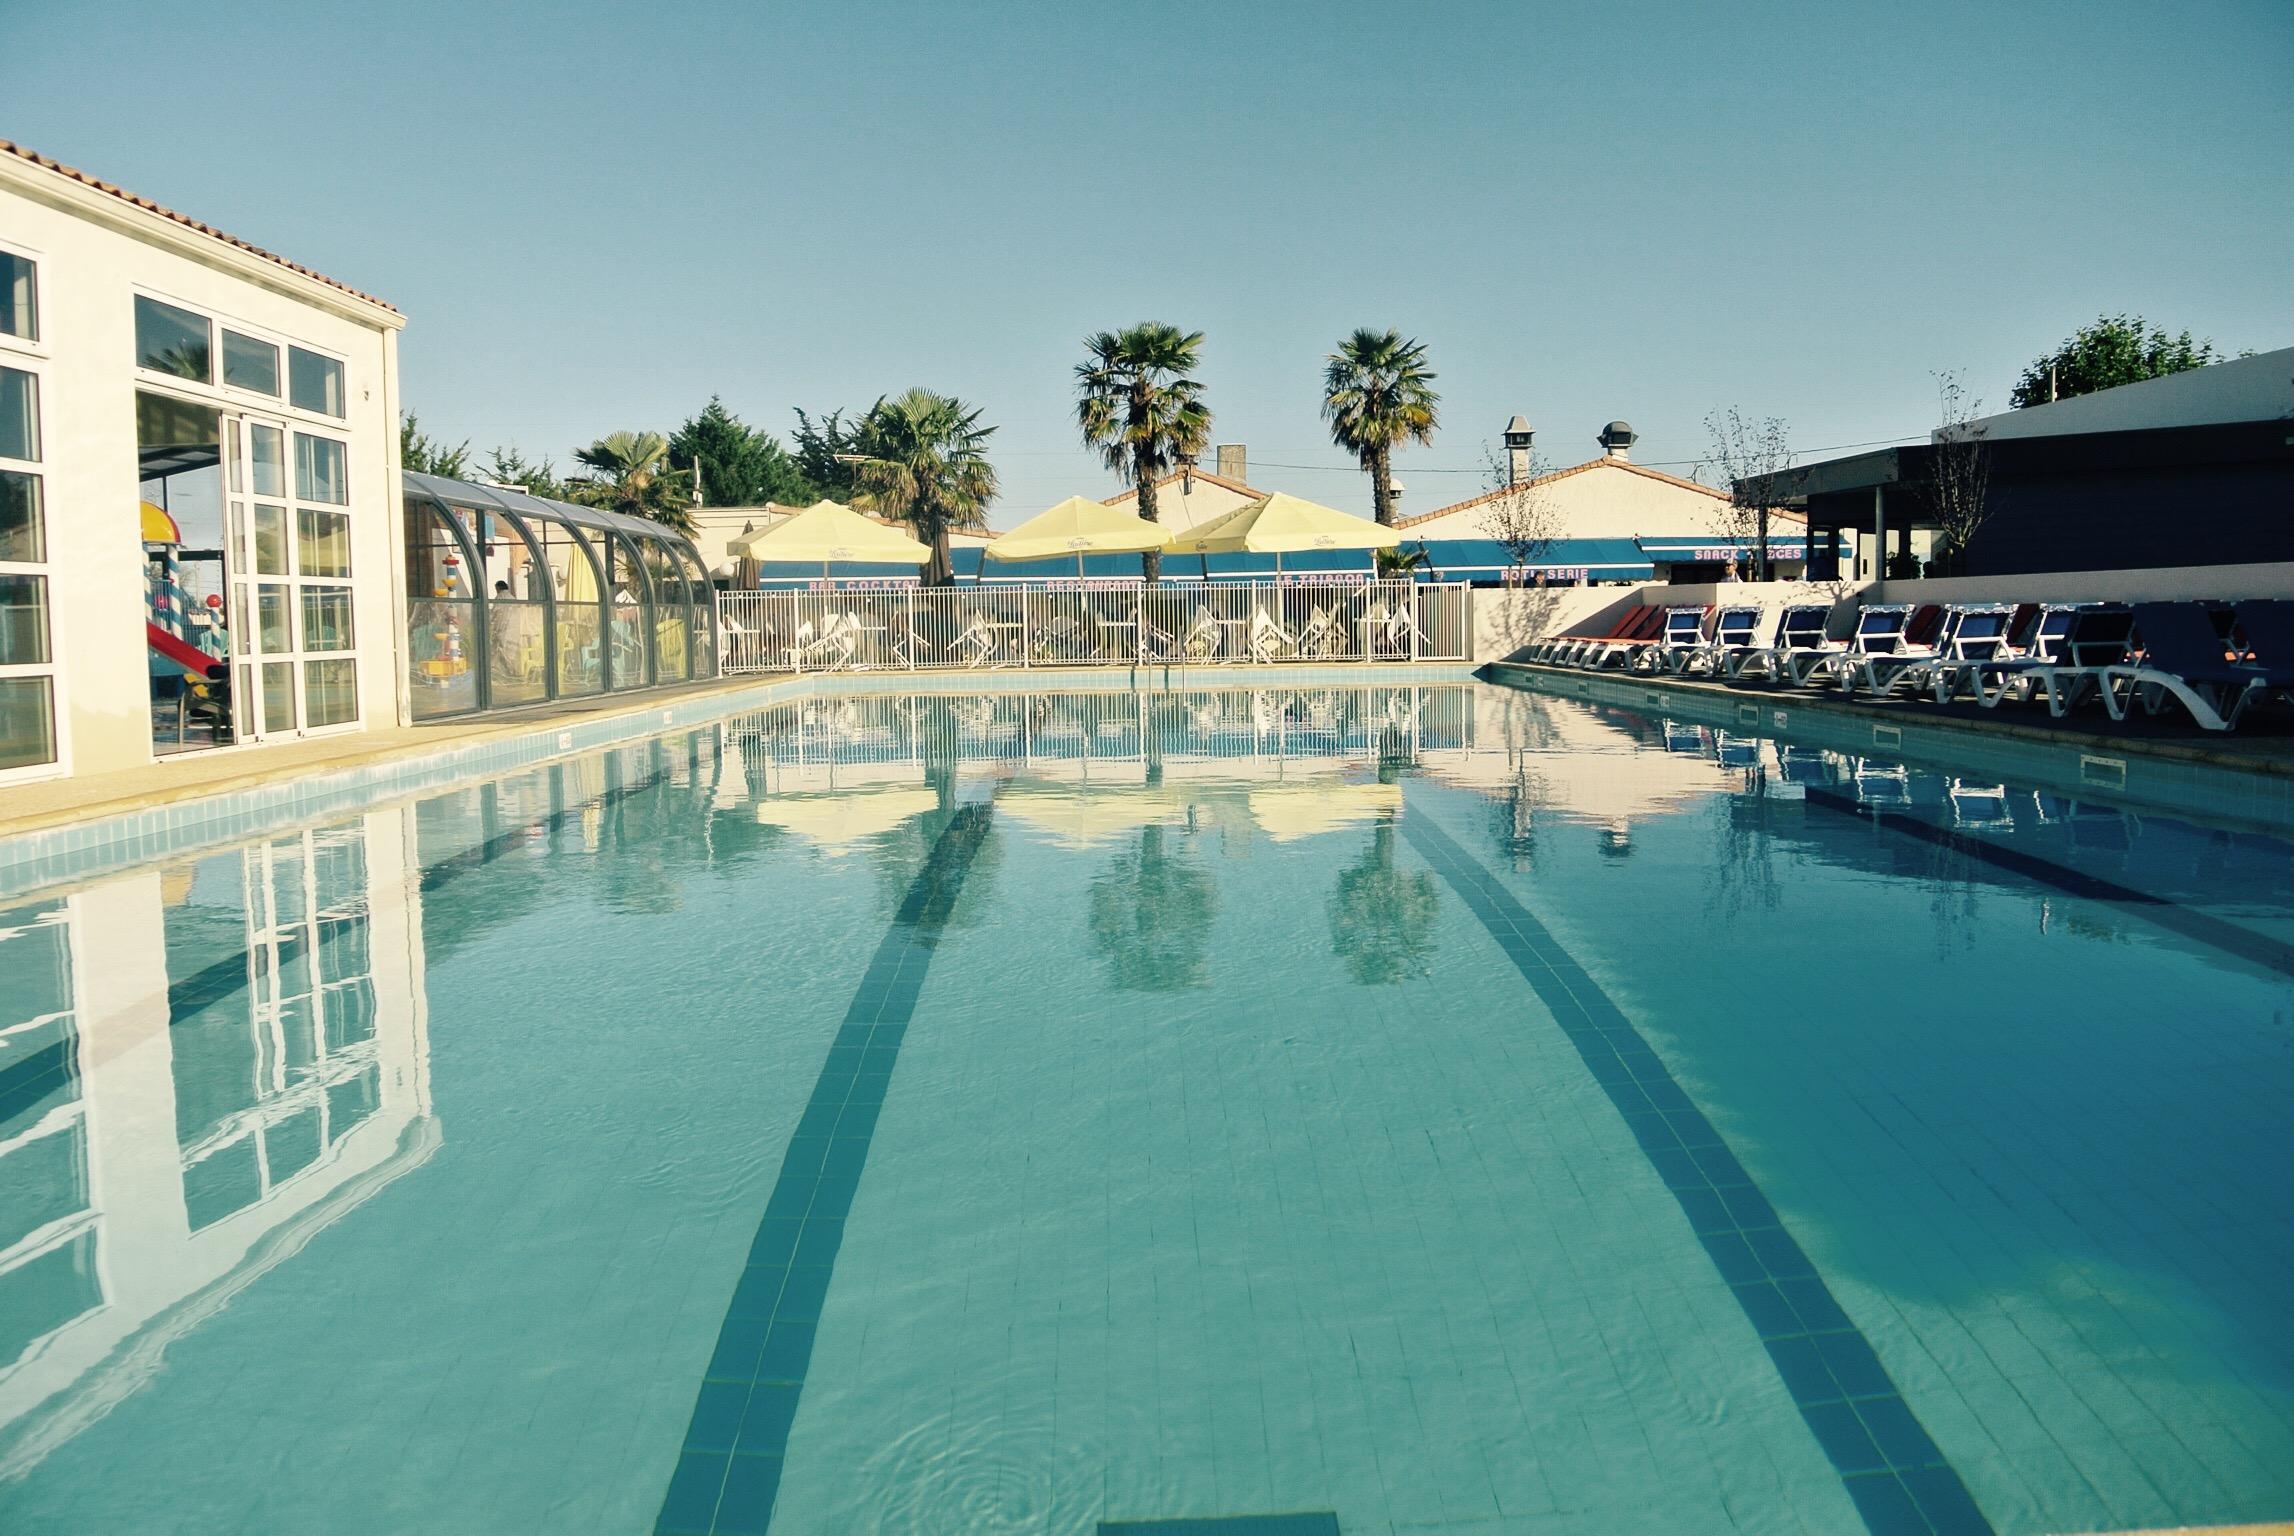 Olonne sur mer camping le trianon plein air vacances for Club piscine ste marie